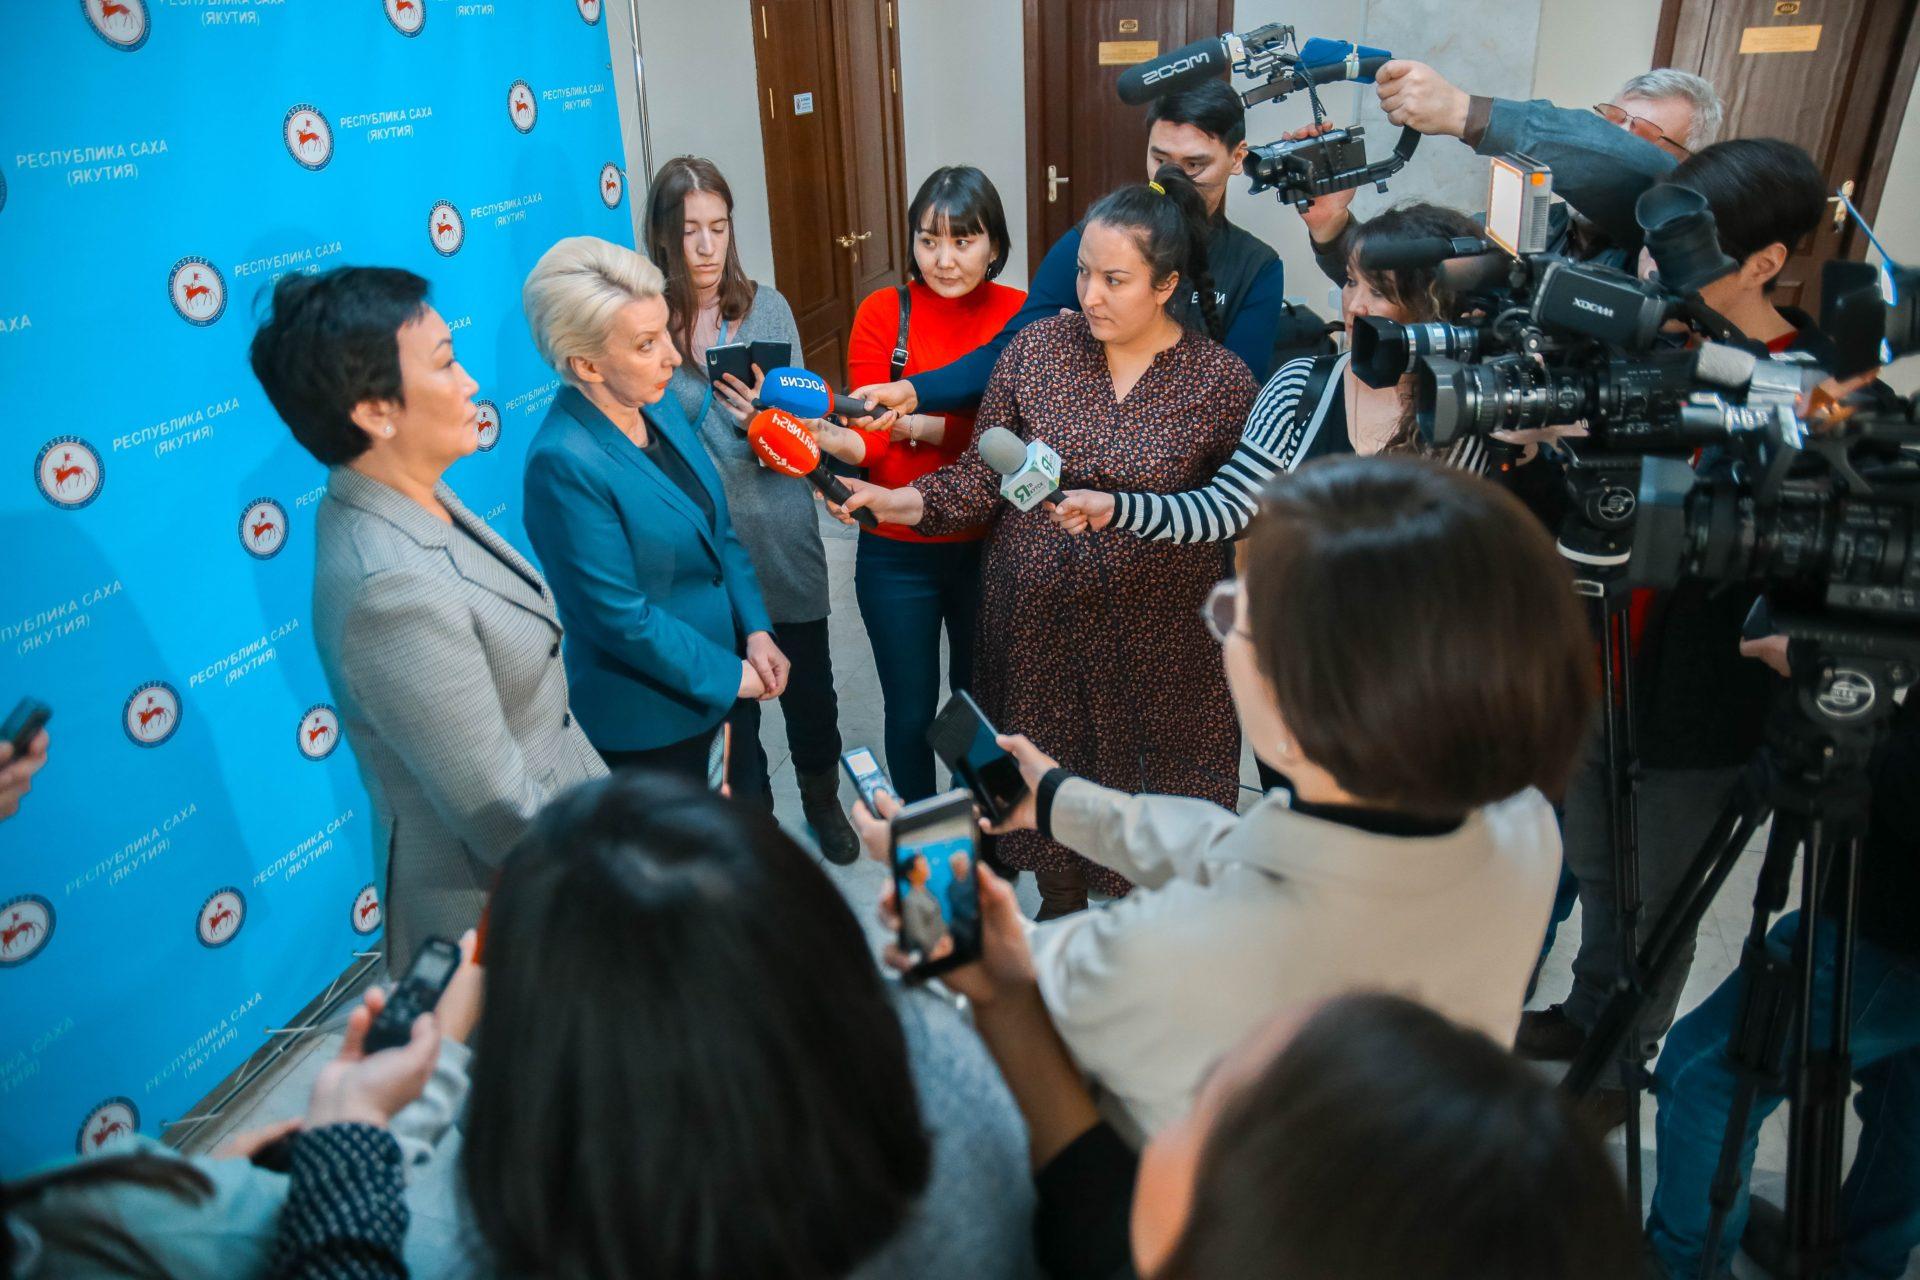 Глава Якутии объявил режим повышенной готовности в связи со сложной эпидемиологической ситуацией в стране